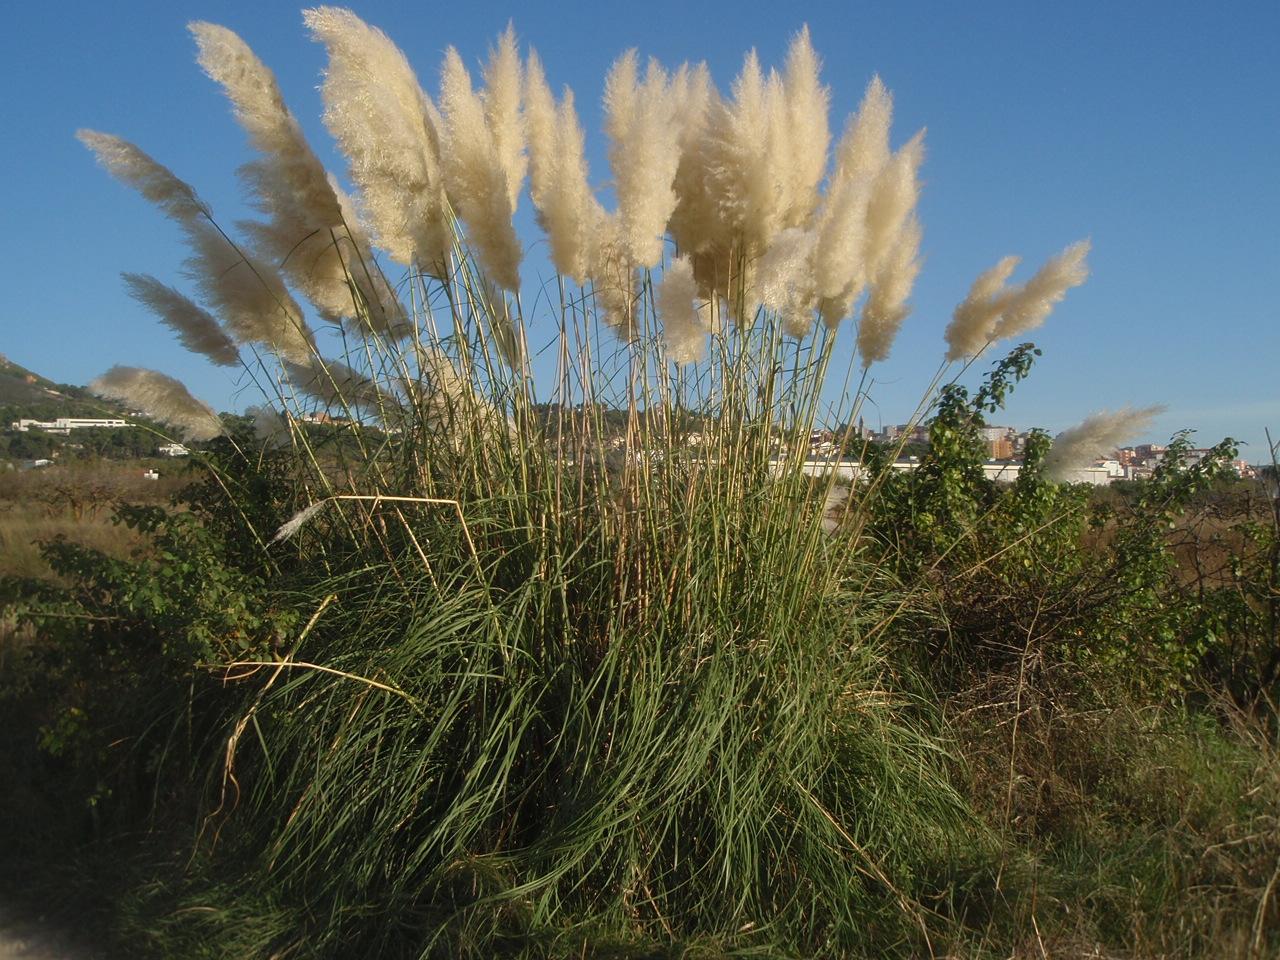 Paja en la hierba - 5 7